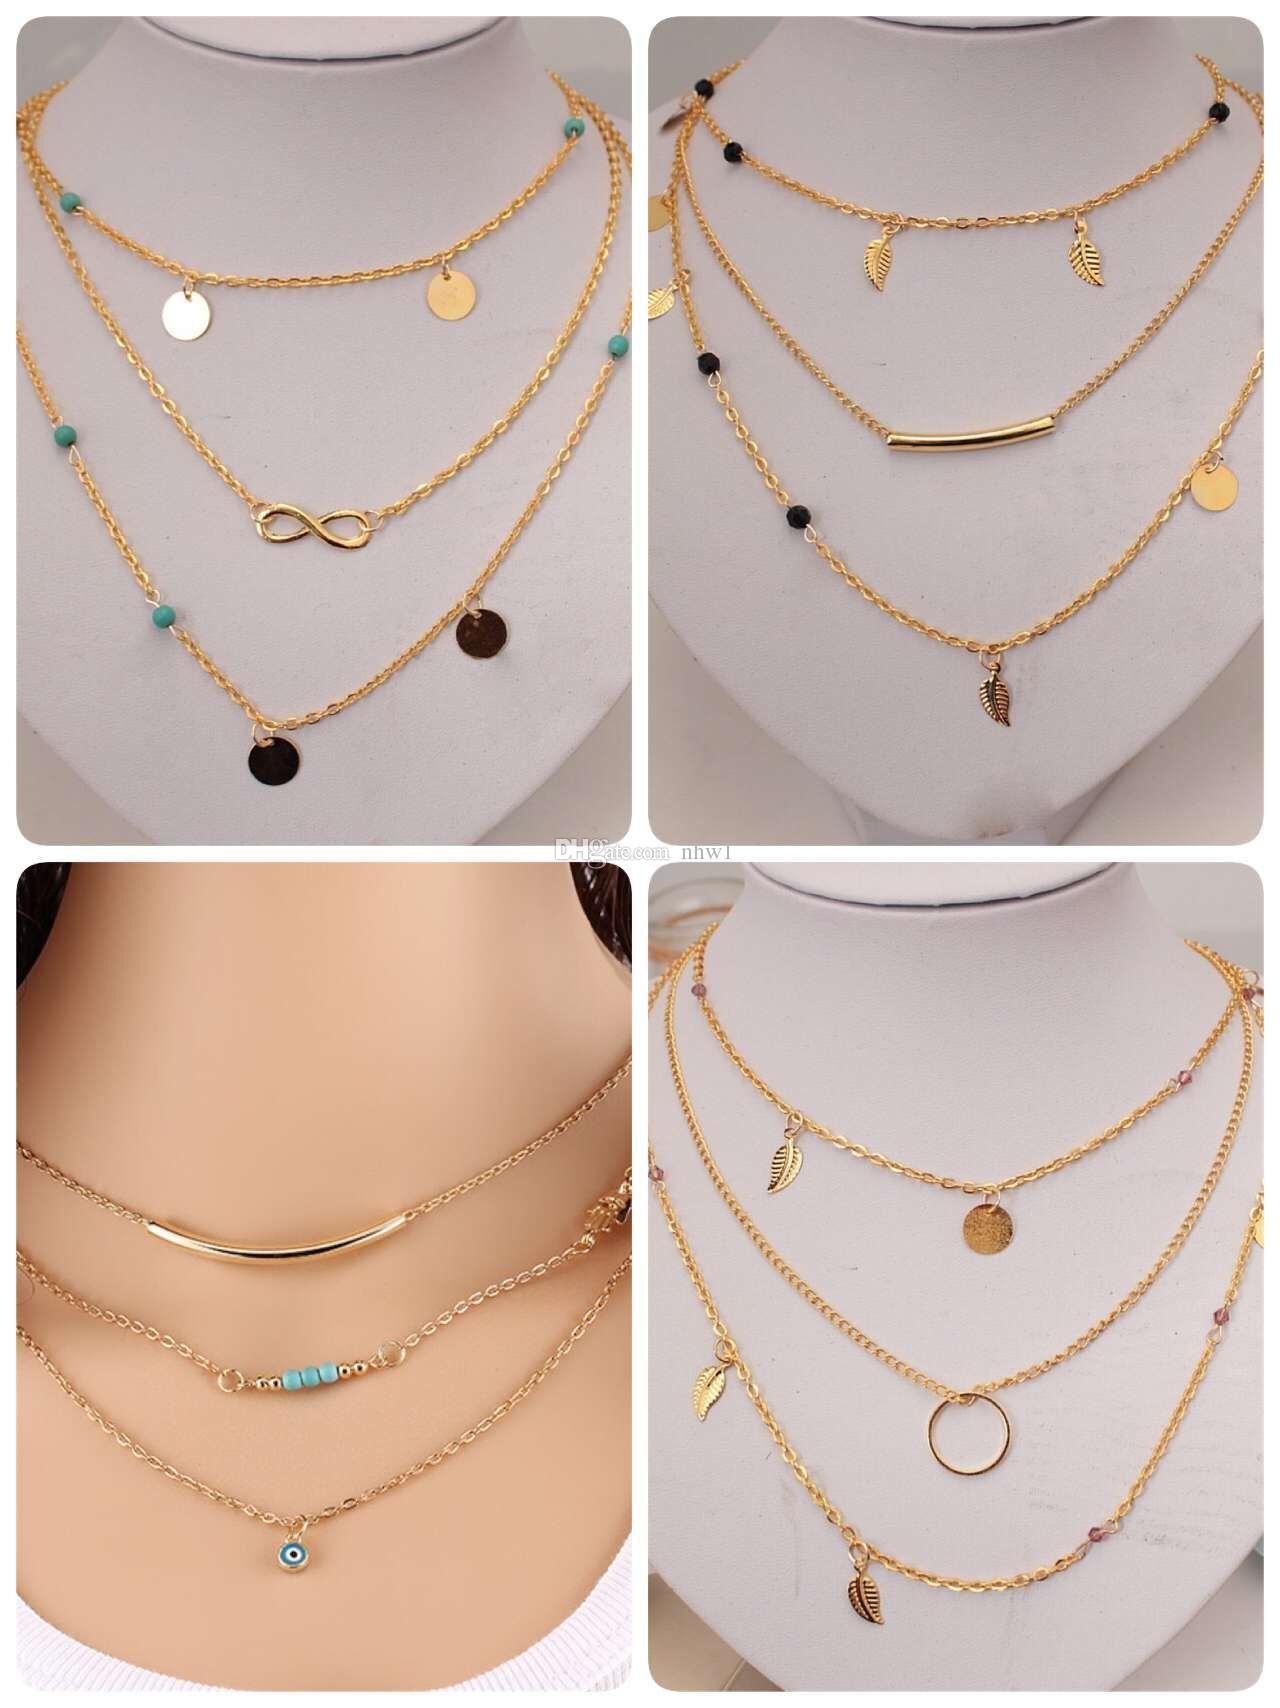 جديد متعدد الطبقات لون الذهب قلادة شرابة اللانهاية للنساء هيئة سلسلة مجوهرات البوهيمي الفيروز المختنق كولير كولير